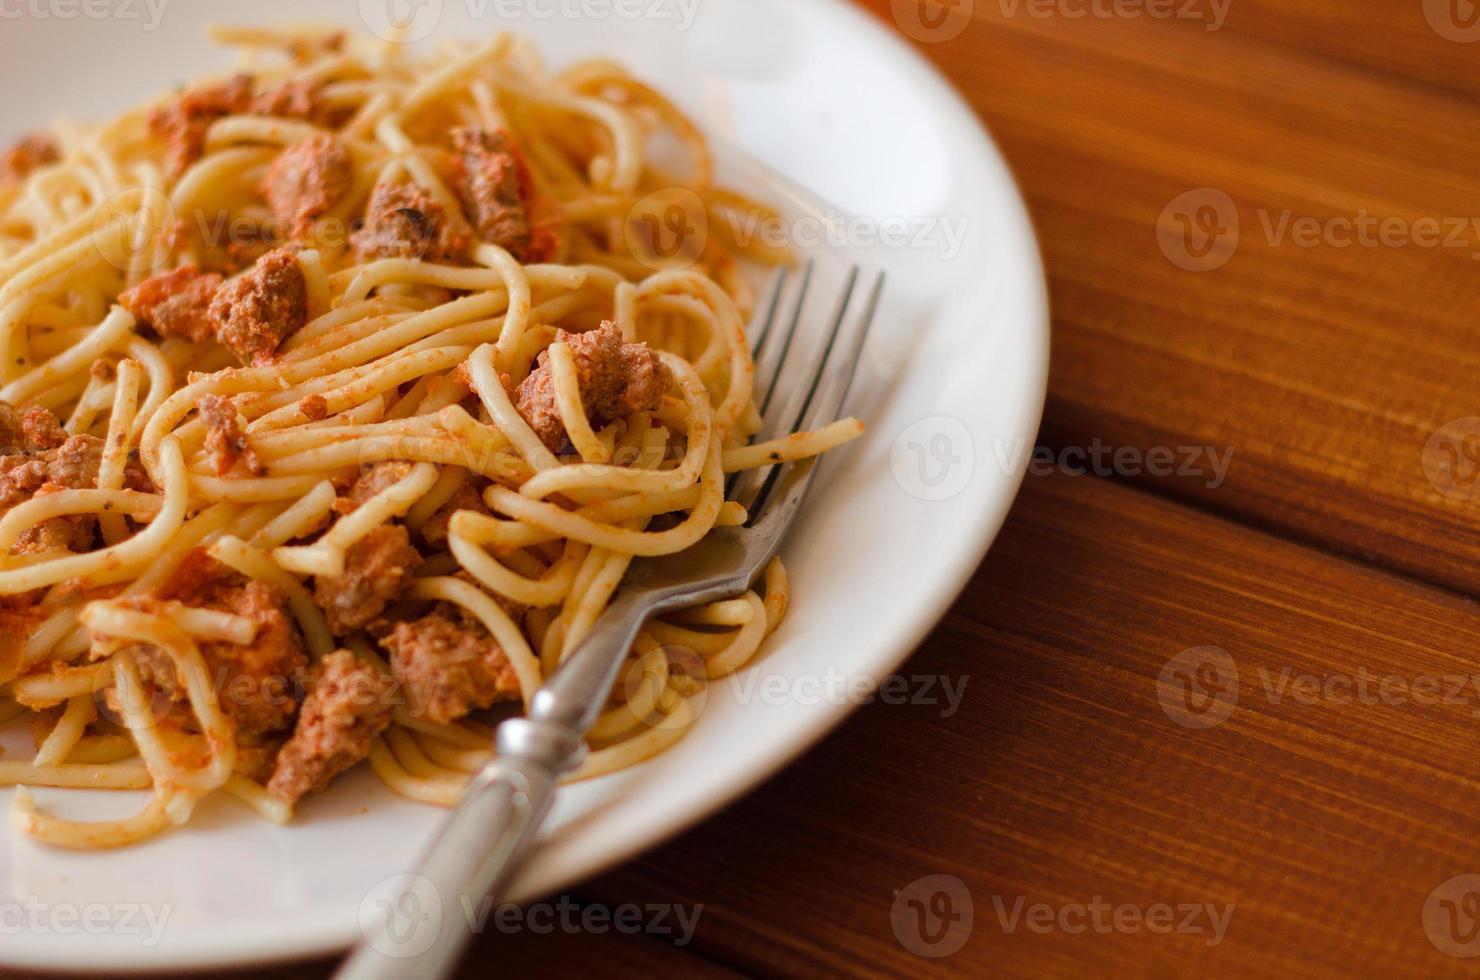 spaghetti med sås på en vit platta foto